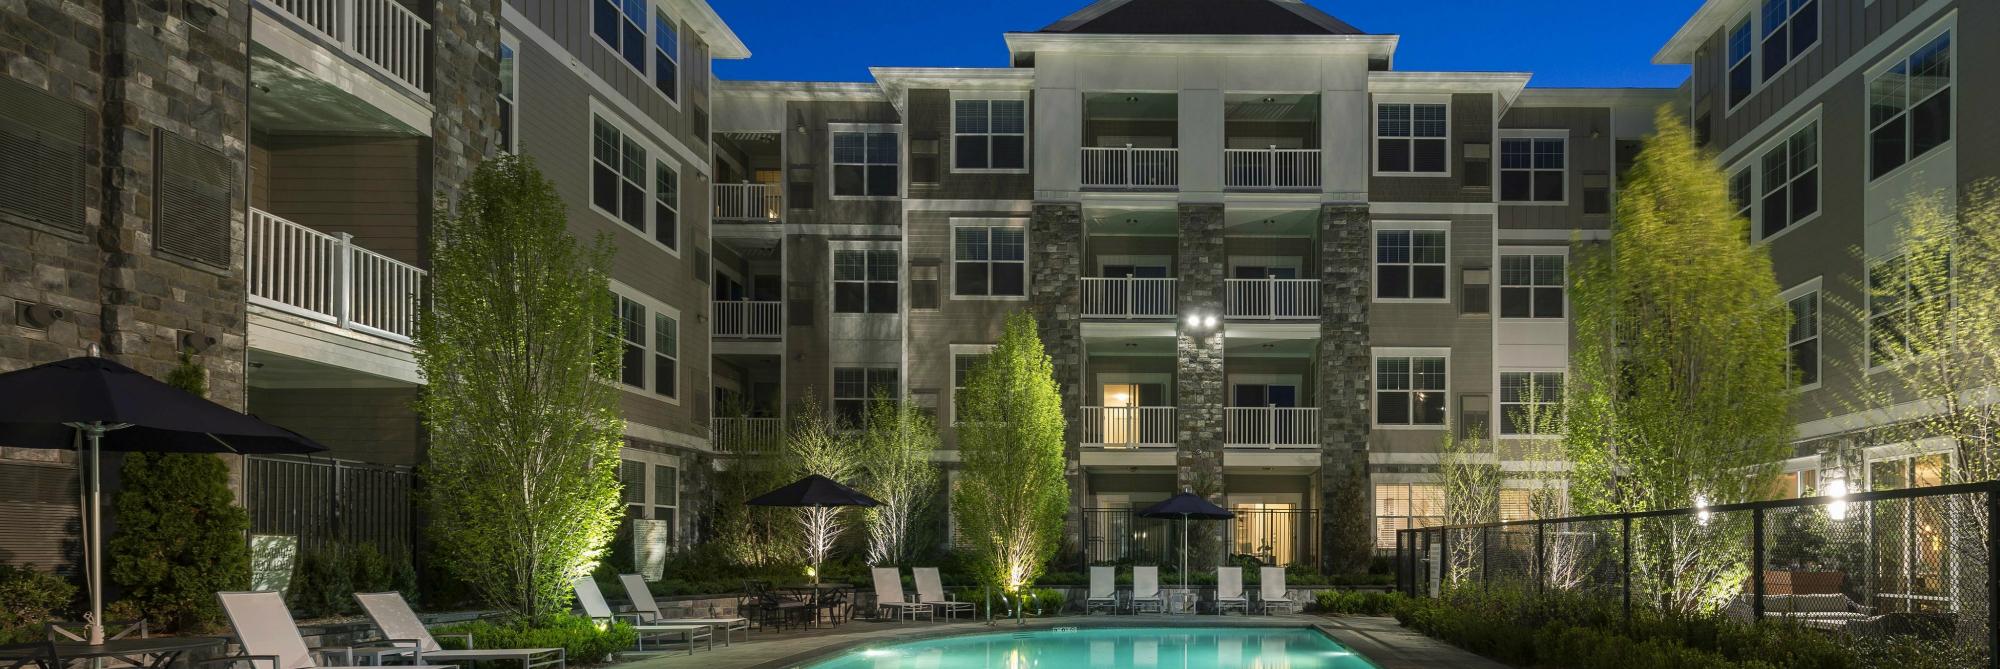 Homes Main Apartments